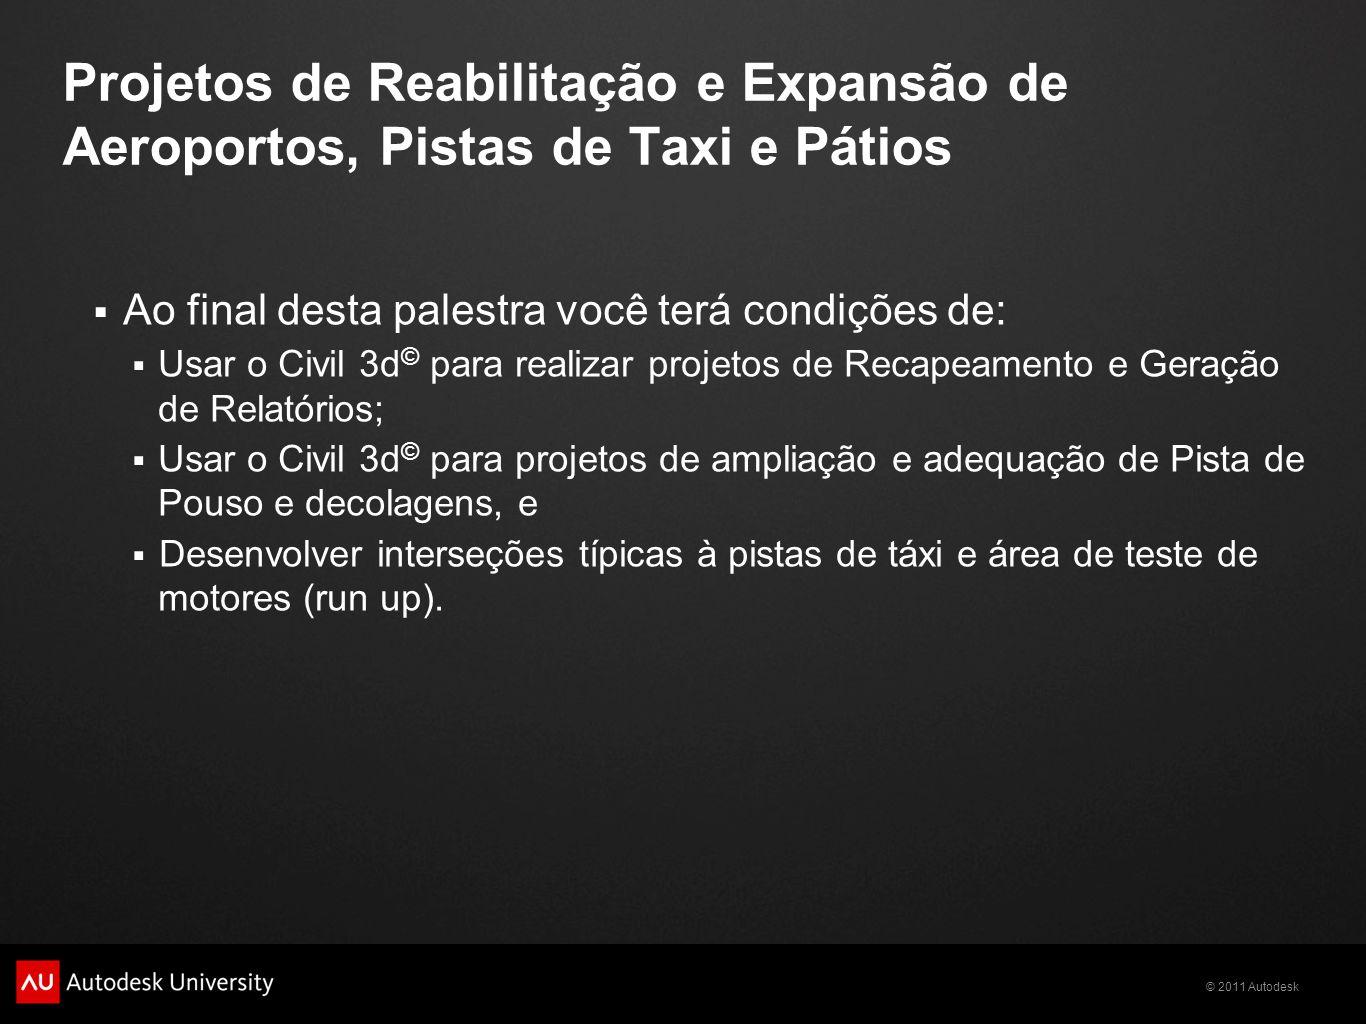 Projetos de Reabilitação e Expansão de Aeroportos, Pistas de Taxi e Pátios